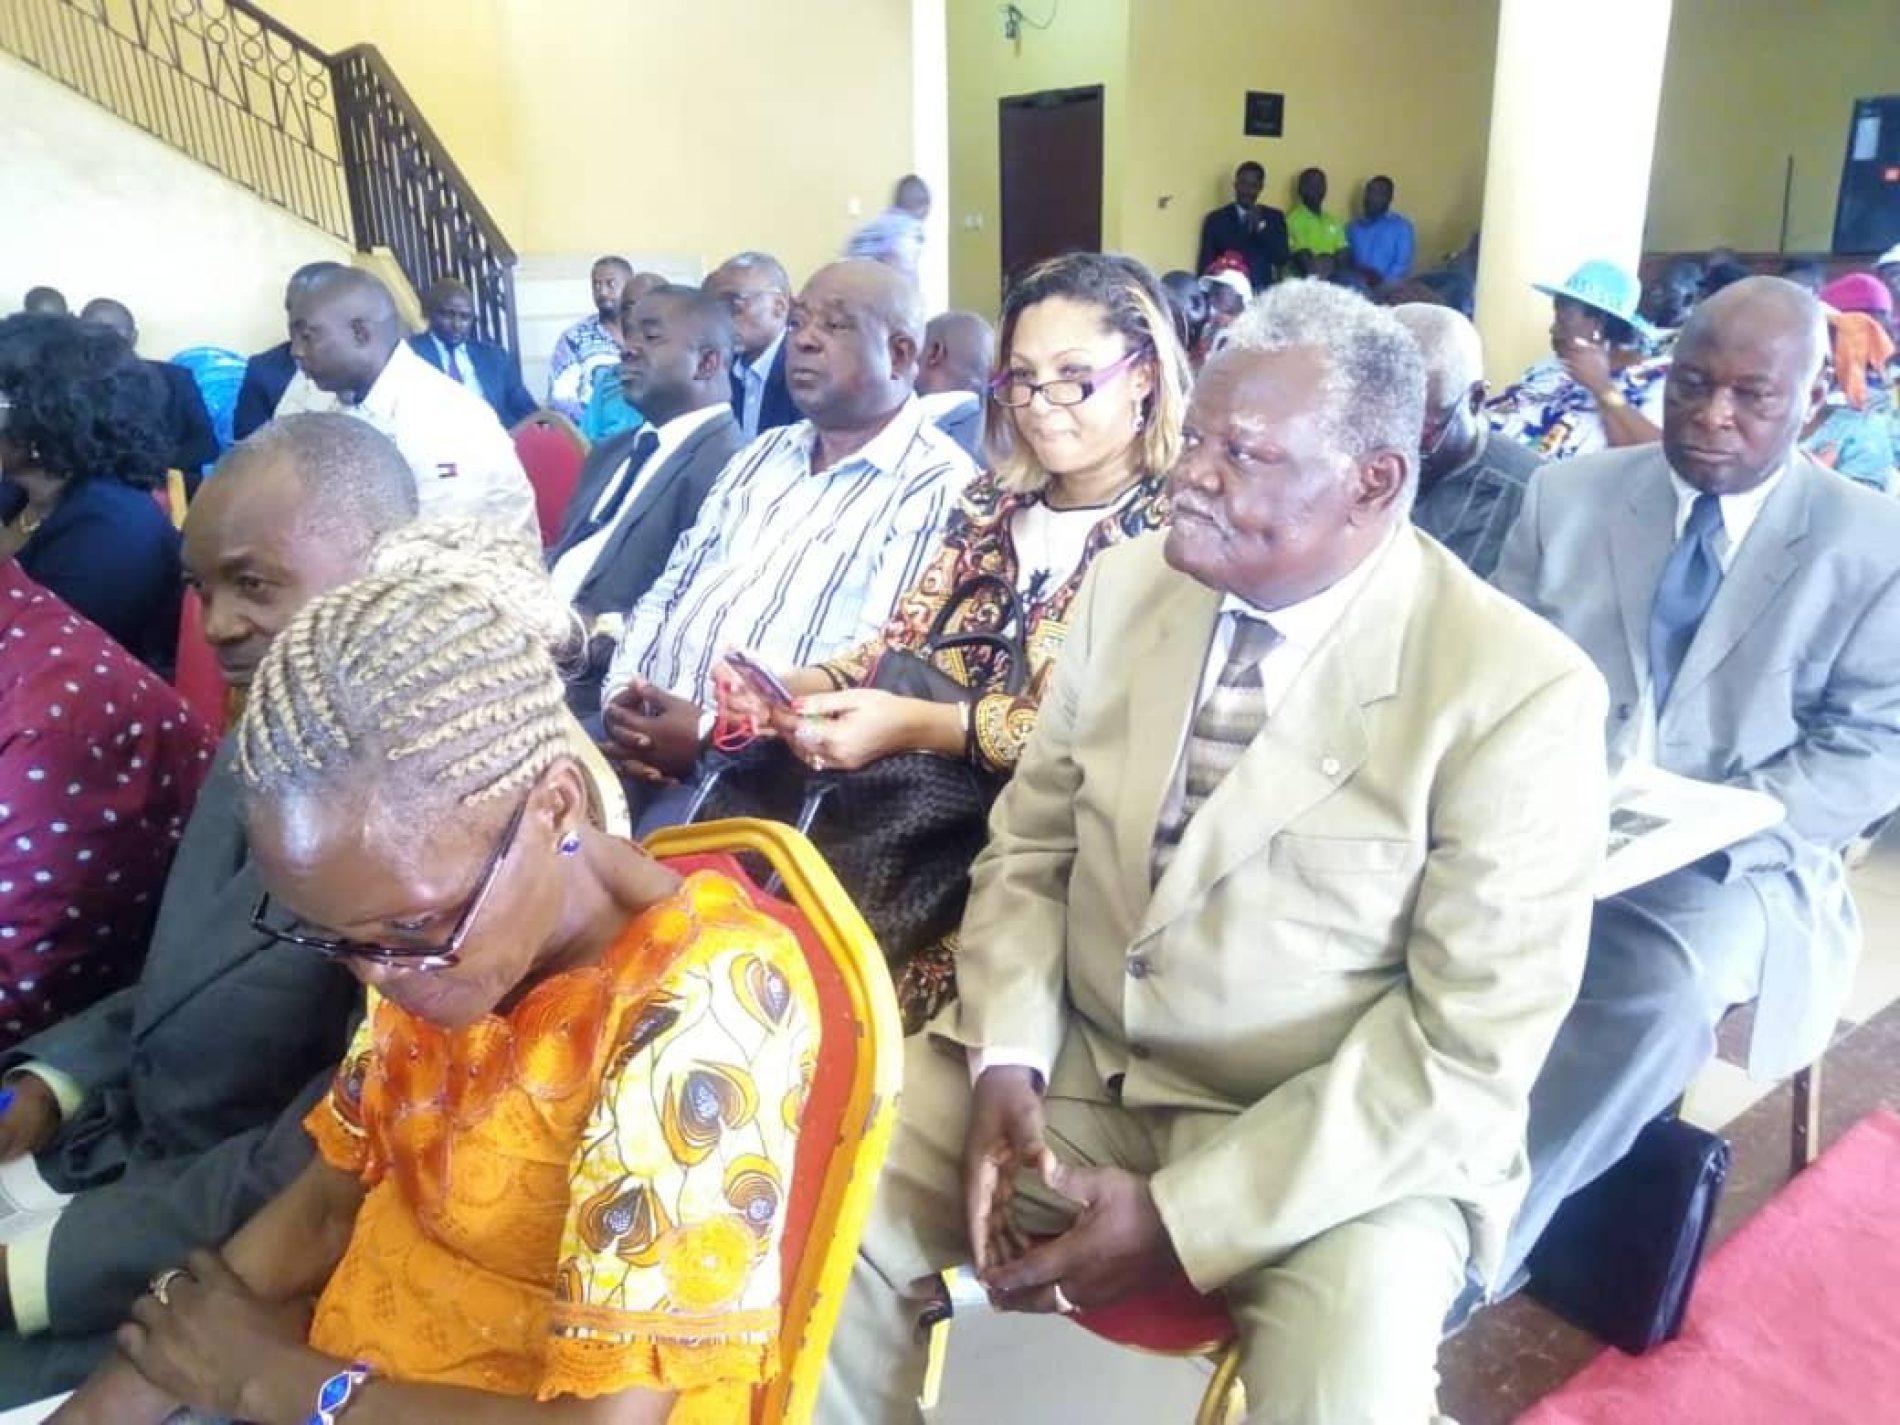 Commune de Sangmelima: Les comptes administratifs 2018 validés